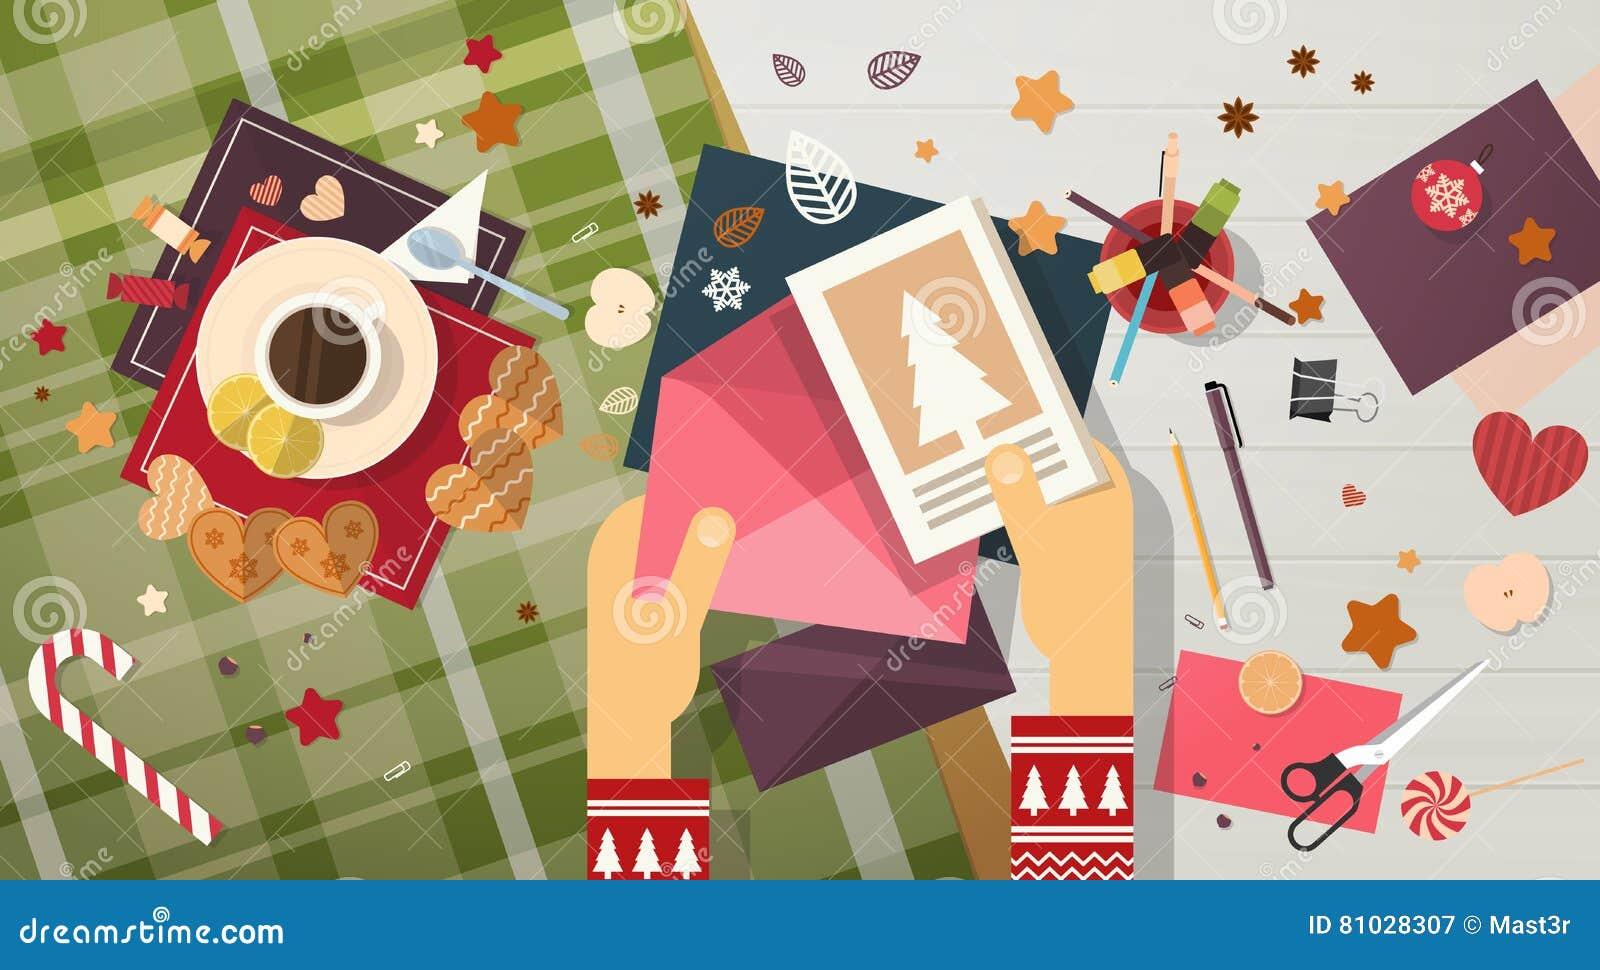 La letra del list d envie de la Feliz Navidad a la tarjeta de felicitación de Santa Clause Happy New Year envía